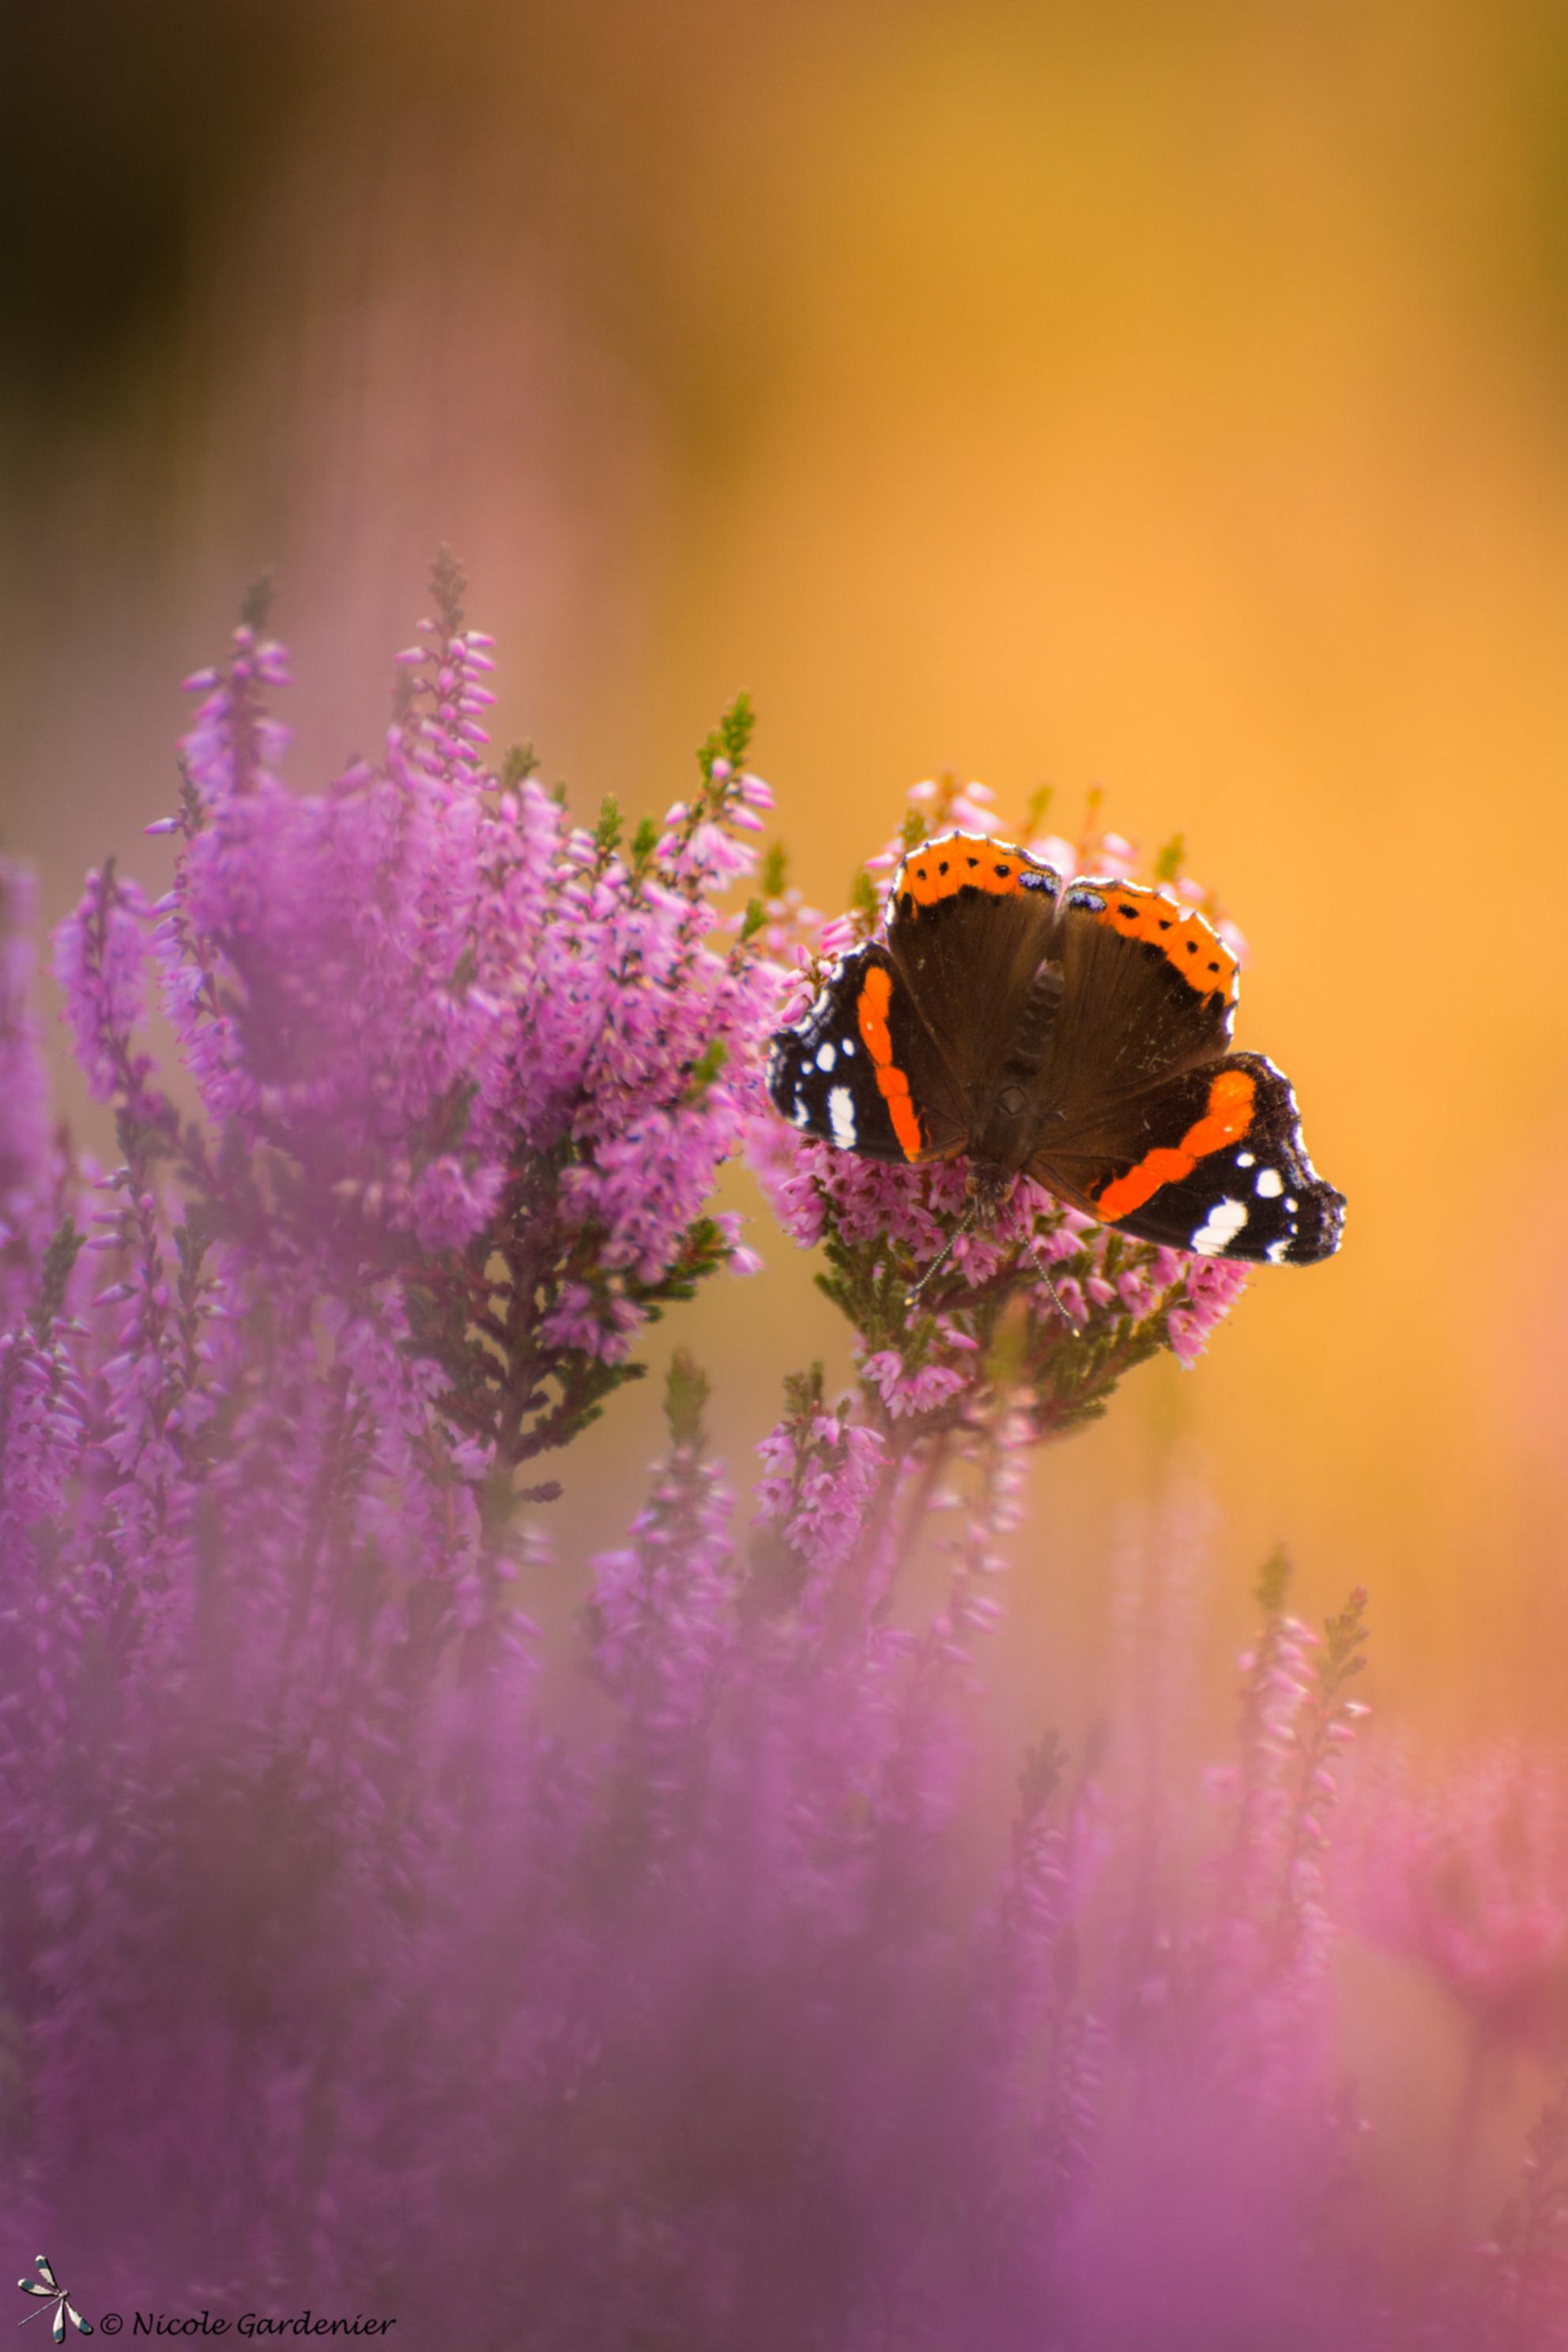 Colour my world - - - foto door nicolegardenier17 op 15-09-2020 - deze foto bevat: vlinder, atalanta, heide, zomer